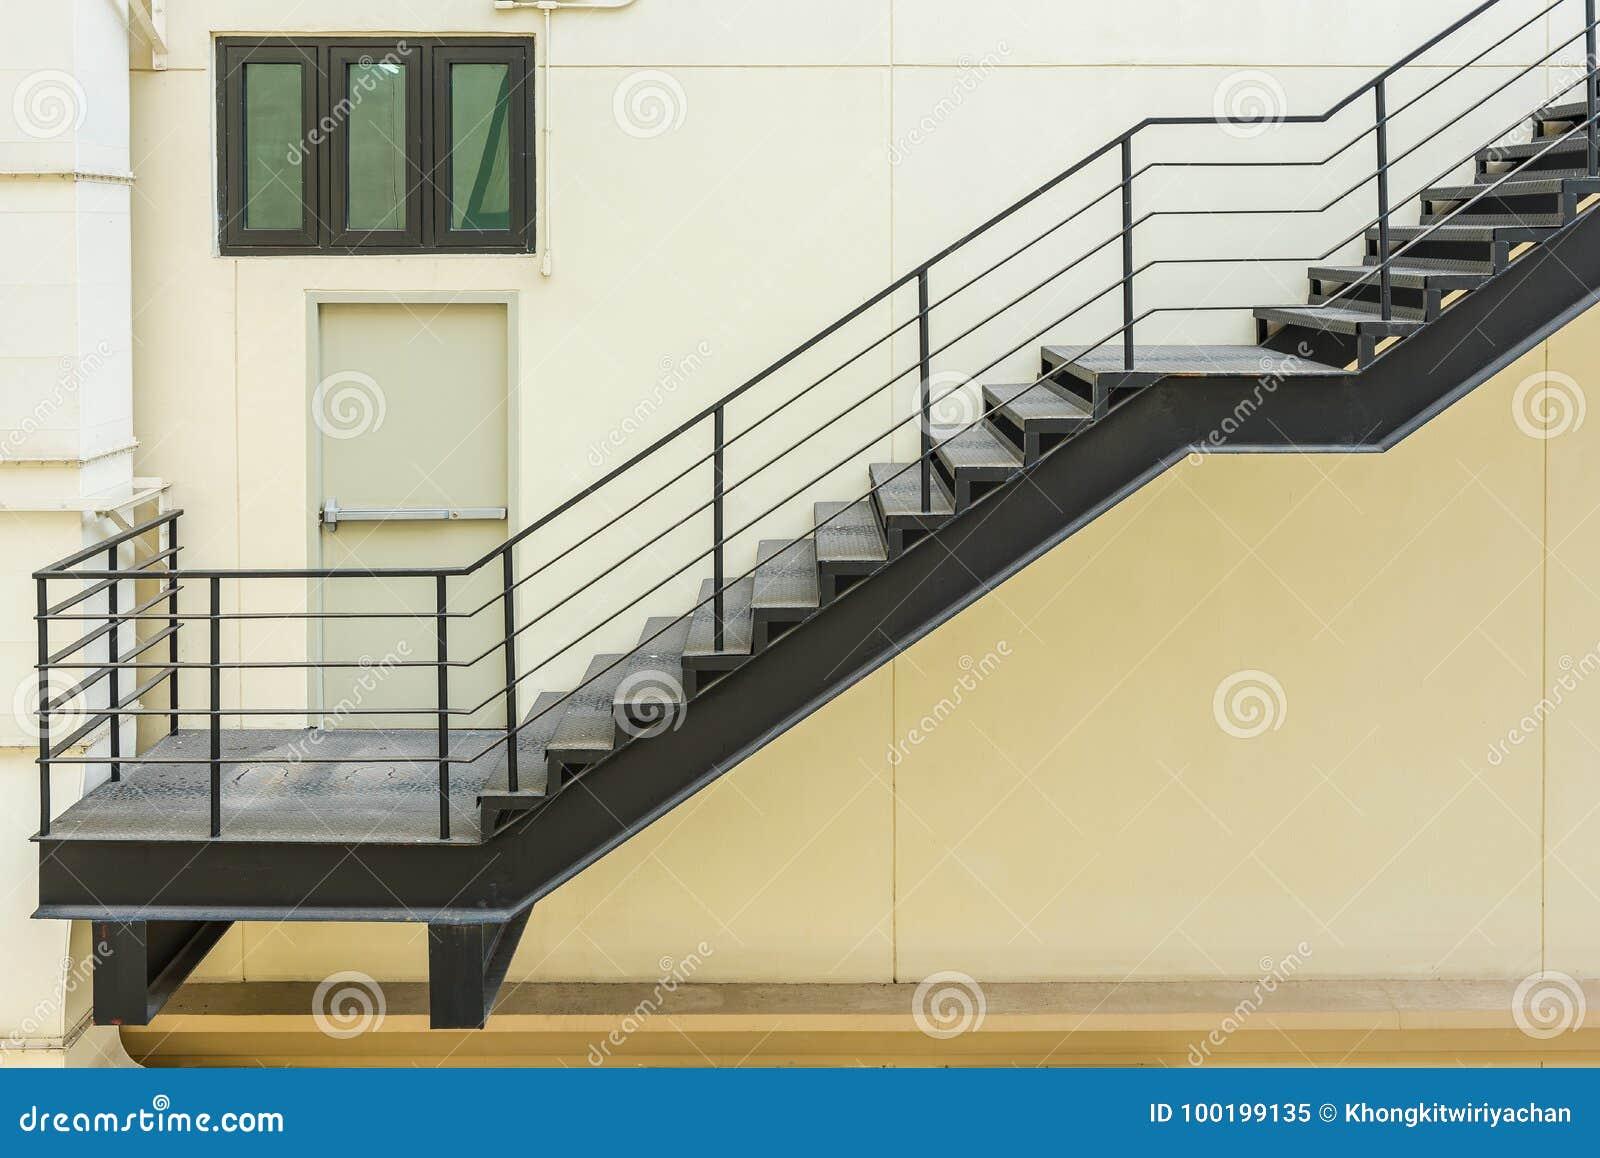 Extrem Treppe Für Notausgang Mit Dem Stahlgeländer Und Der Leiter OC41